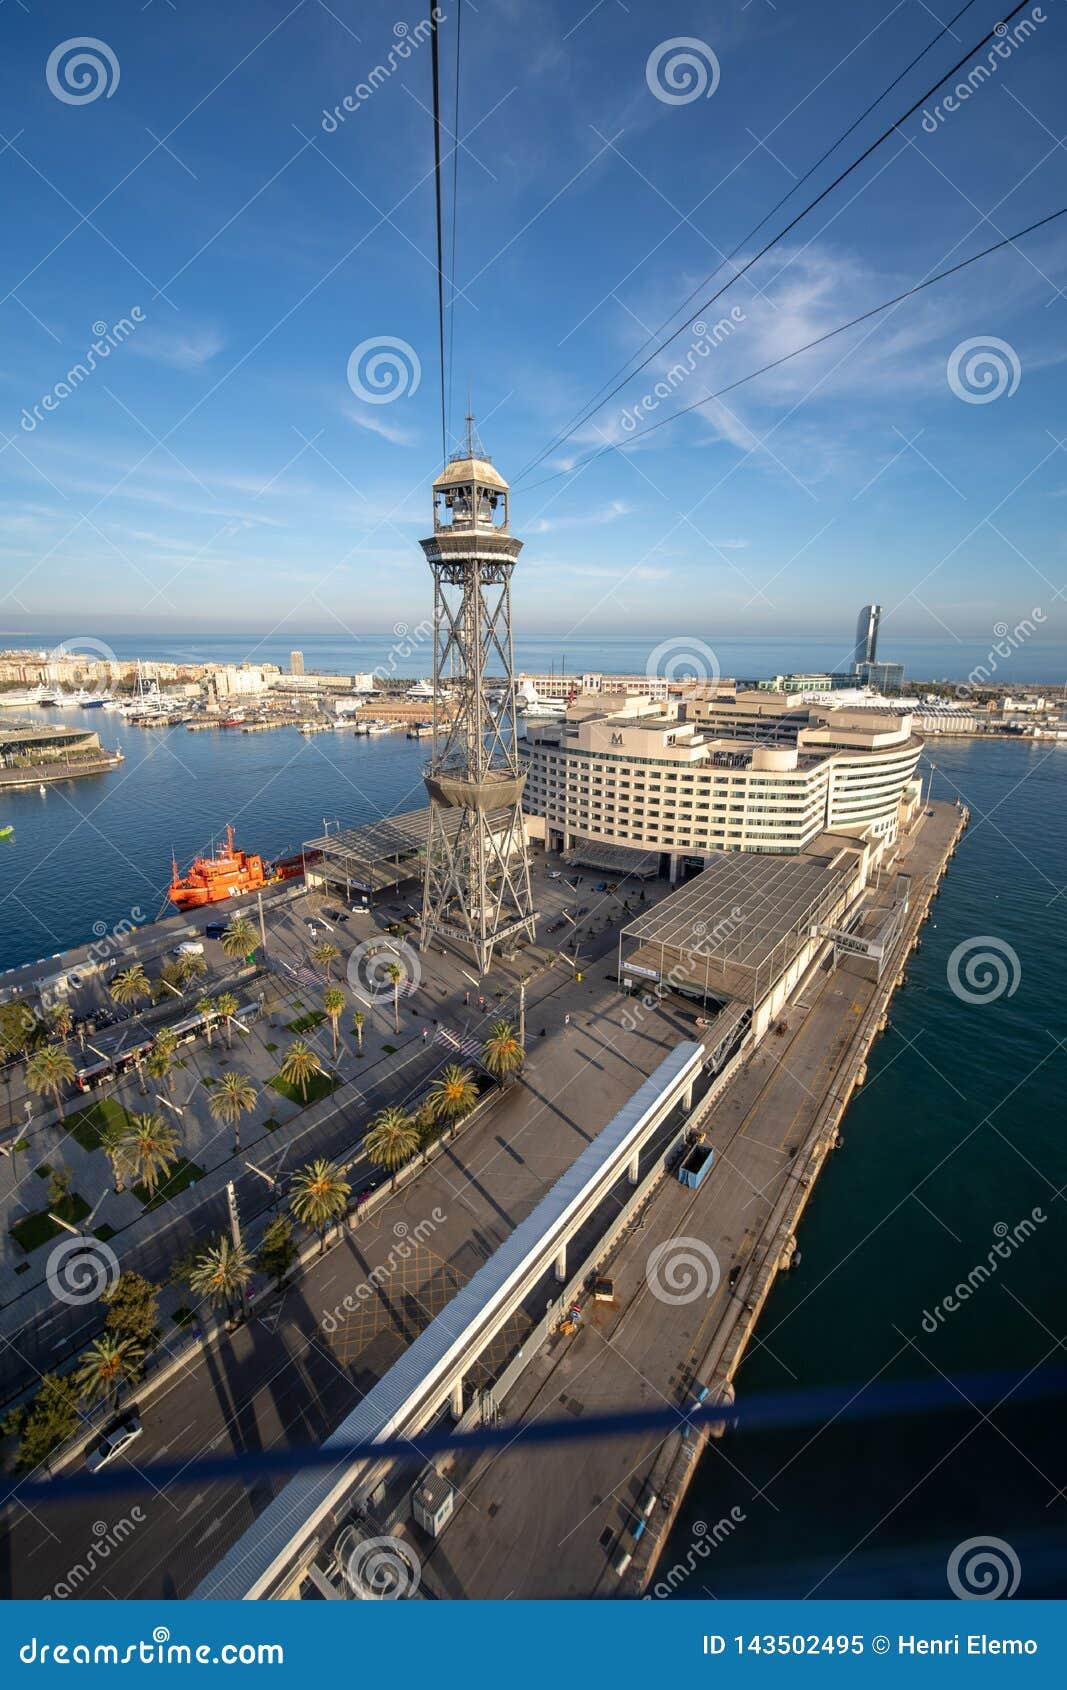 Βαρκελώνη, Ισπανία - 4 Δεκεμβρίου 2019: Πύργοι τελεφερίκ στη Βαρκελώνη που συλλαμβάνεται από το τελεφερίκ στο φως βραδιού